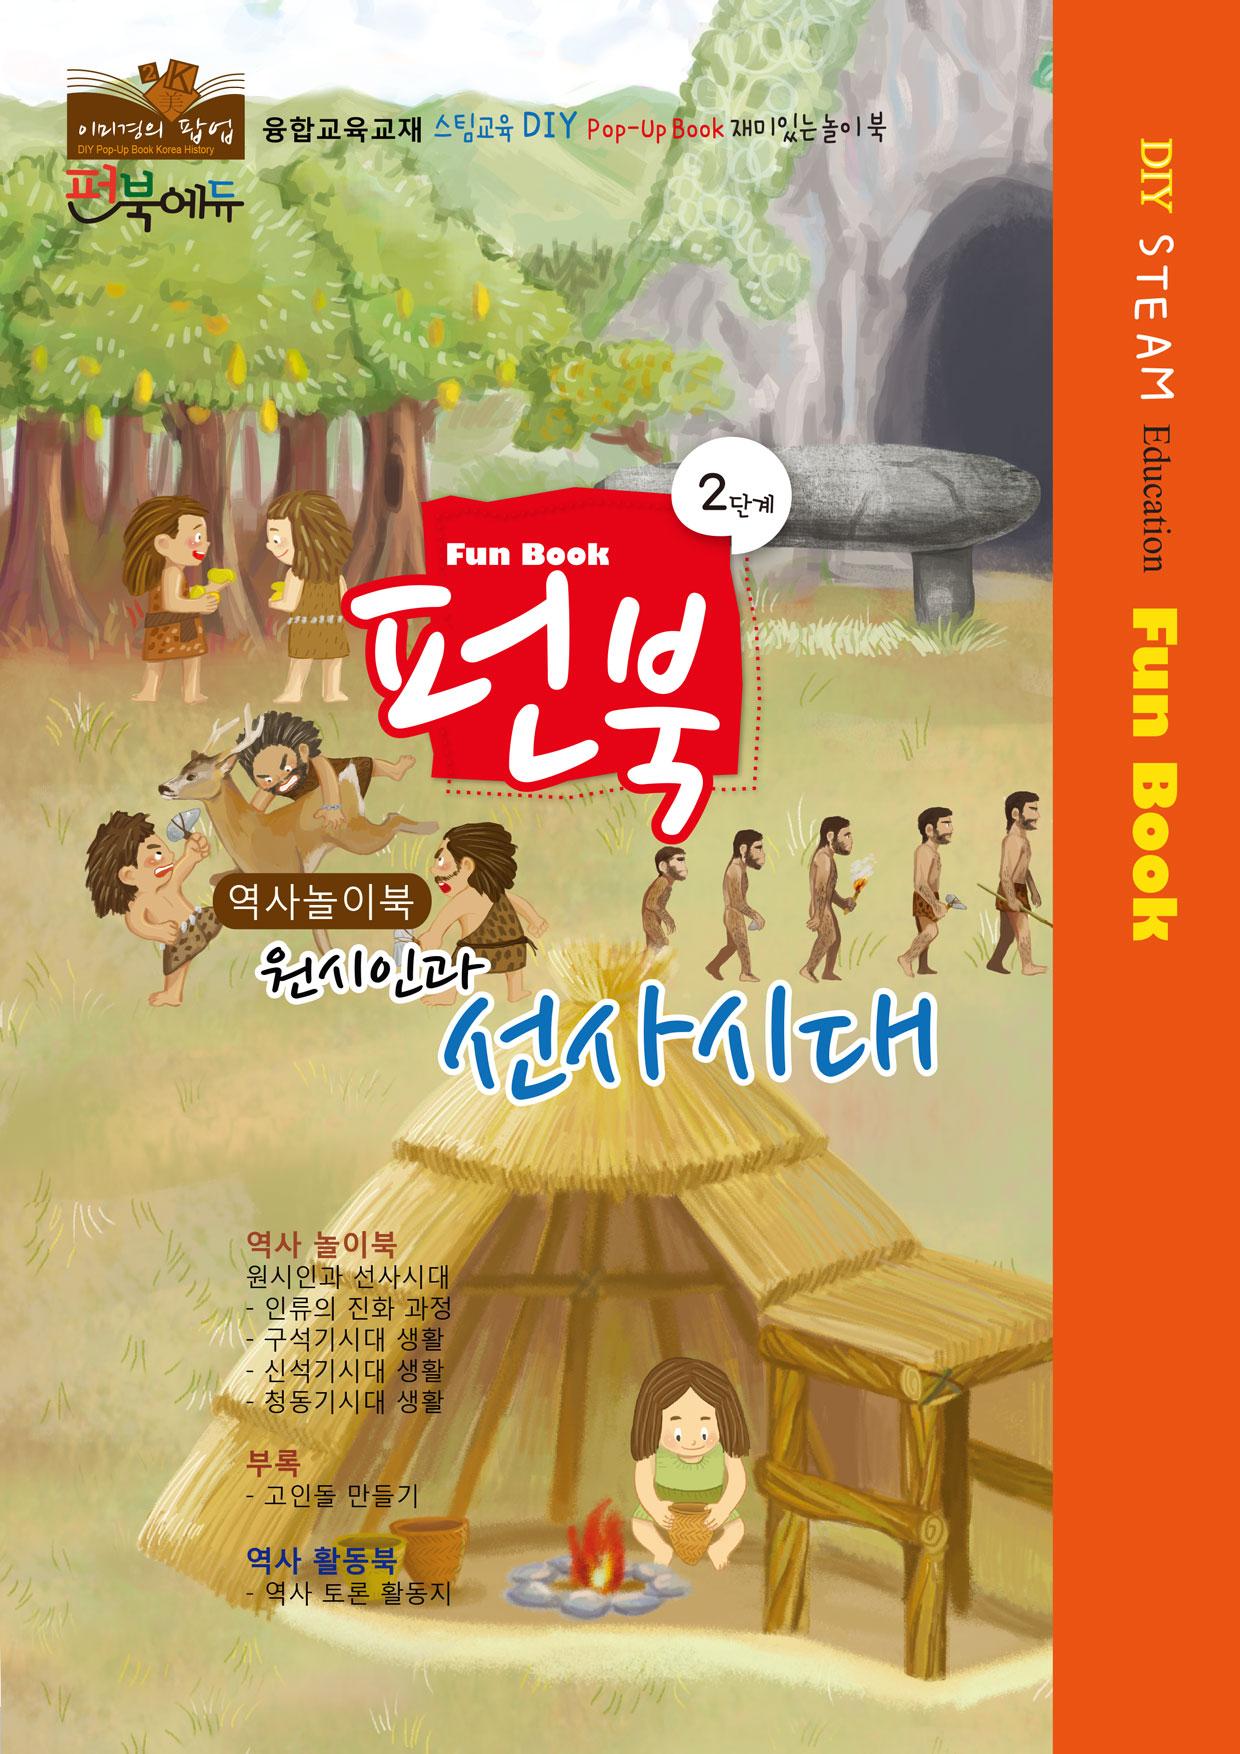 펀북 역사 [원시인과 선사시대]